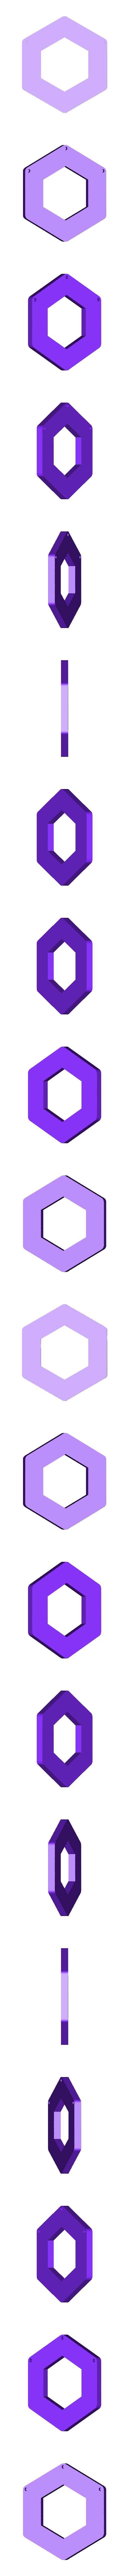 HexaPill - Drawer end.stl Download STL file HexaPill - Modular pillbox / pill dispenser • 3D printing design, yozz